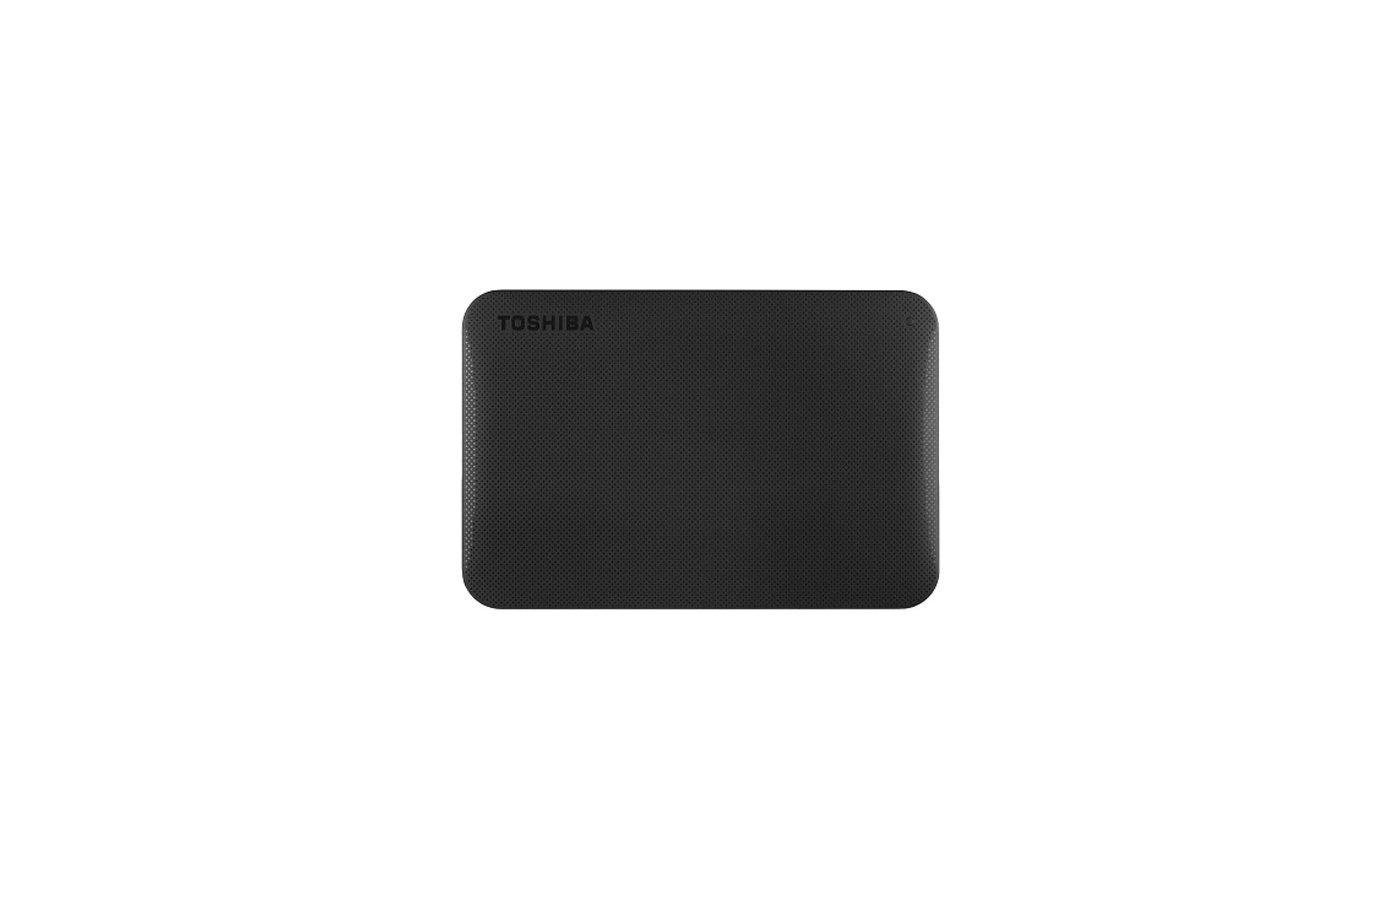 Внешний жесткий диск Toshiba HDTP220EK3CA USB 3.0 2Tb Canvio Ready 2.5 черный